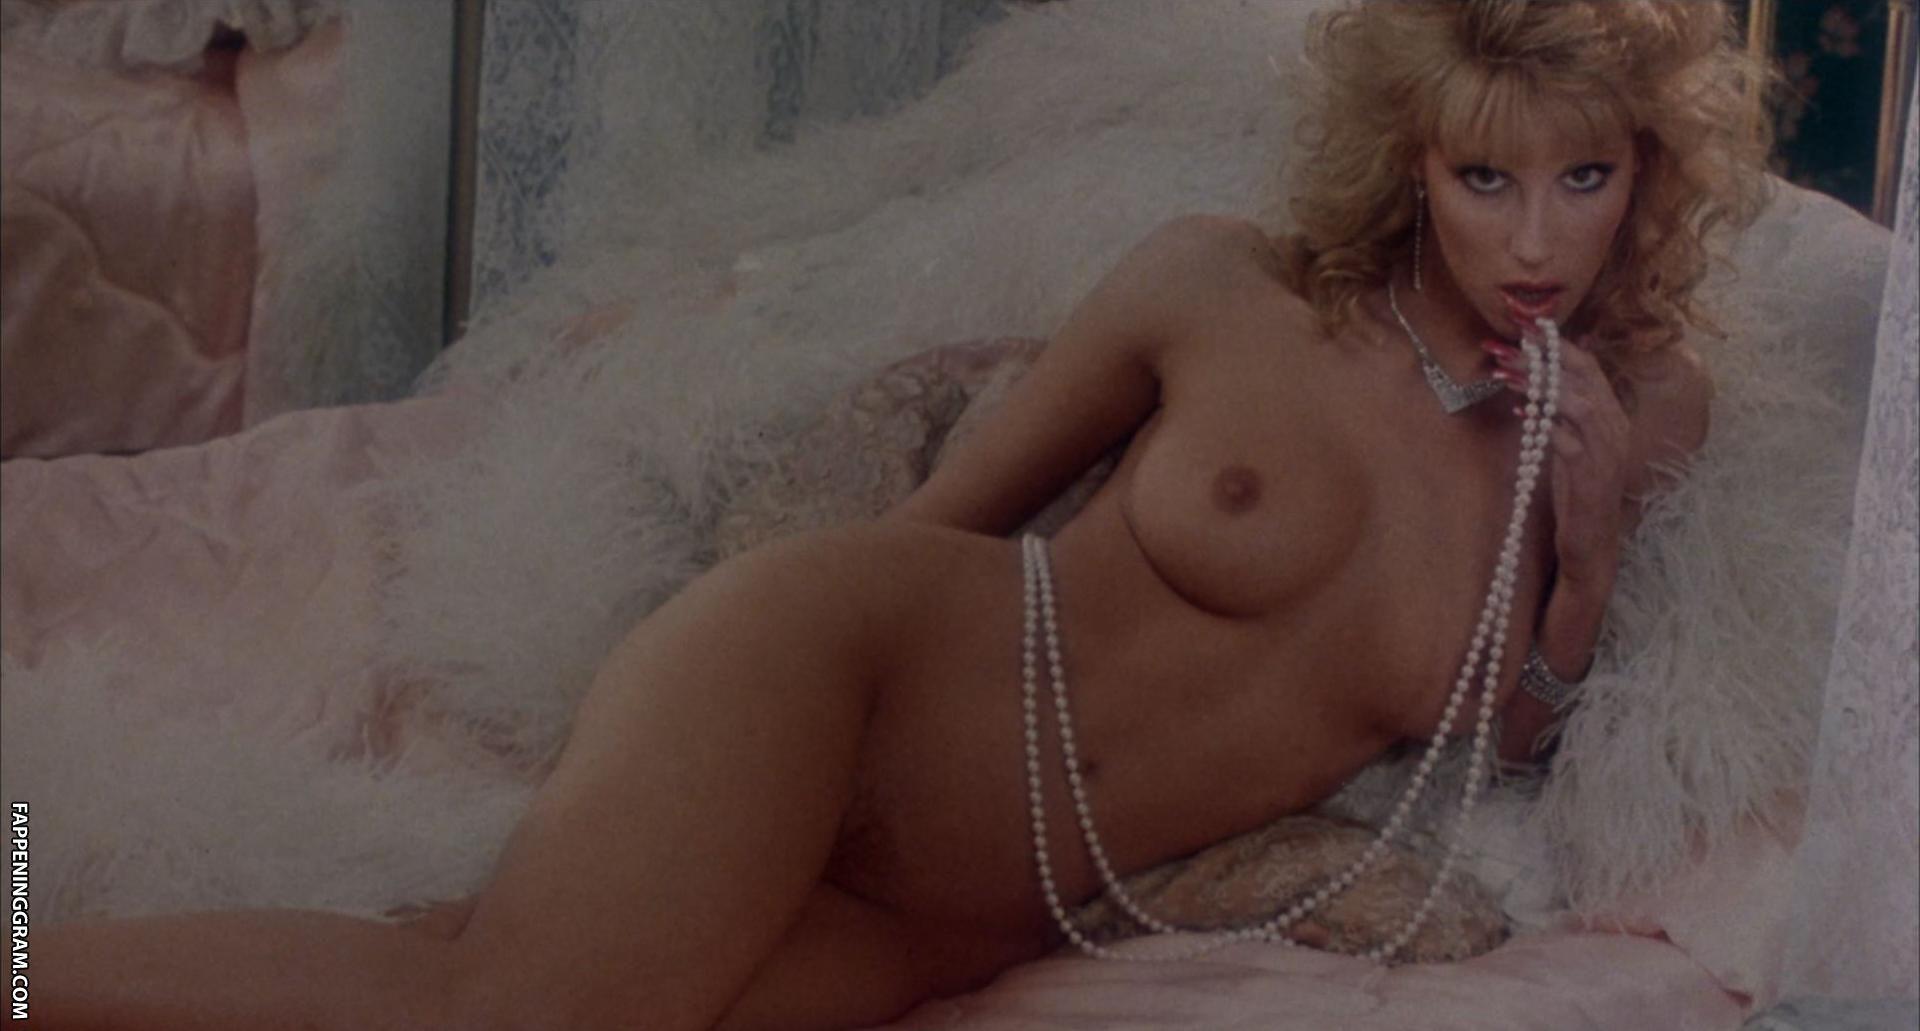 Free monique gabrielle porno pics